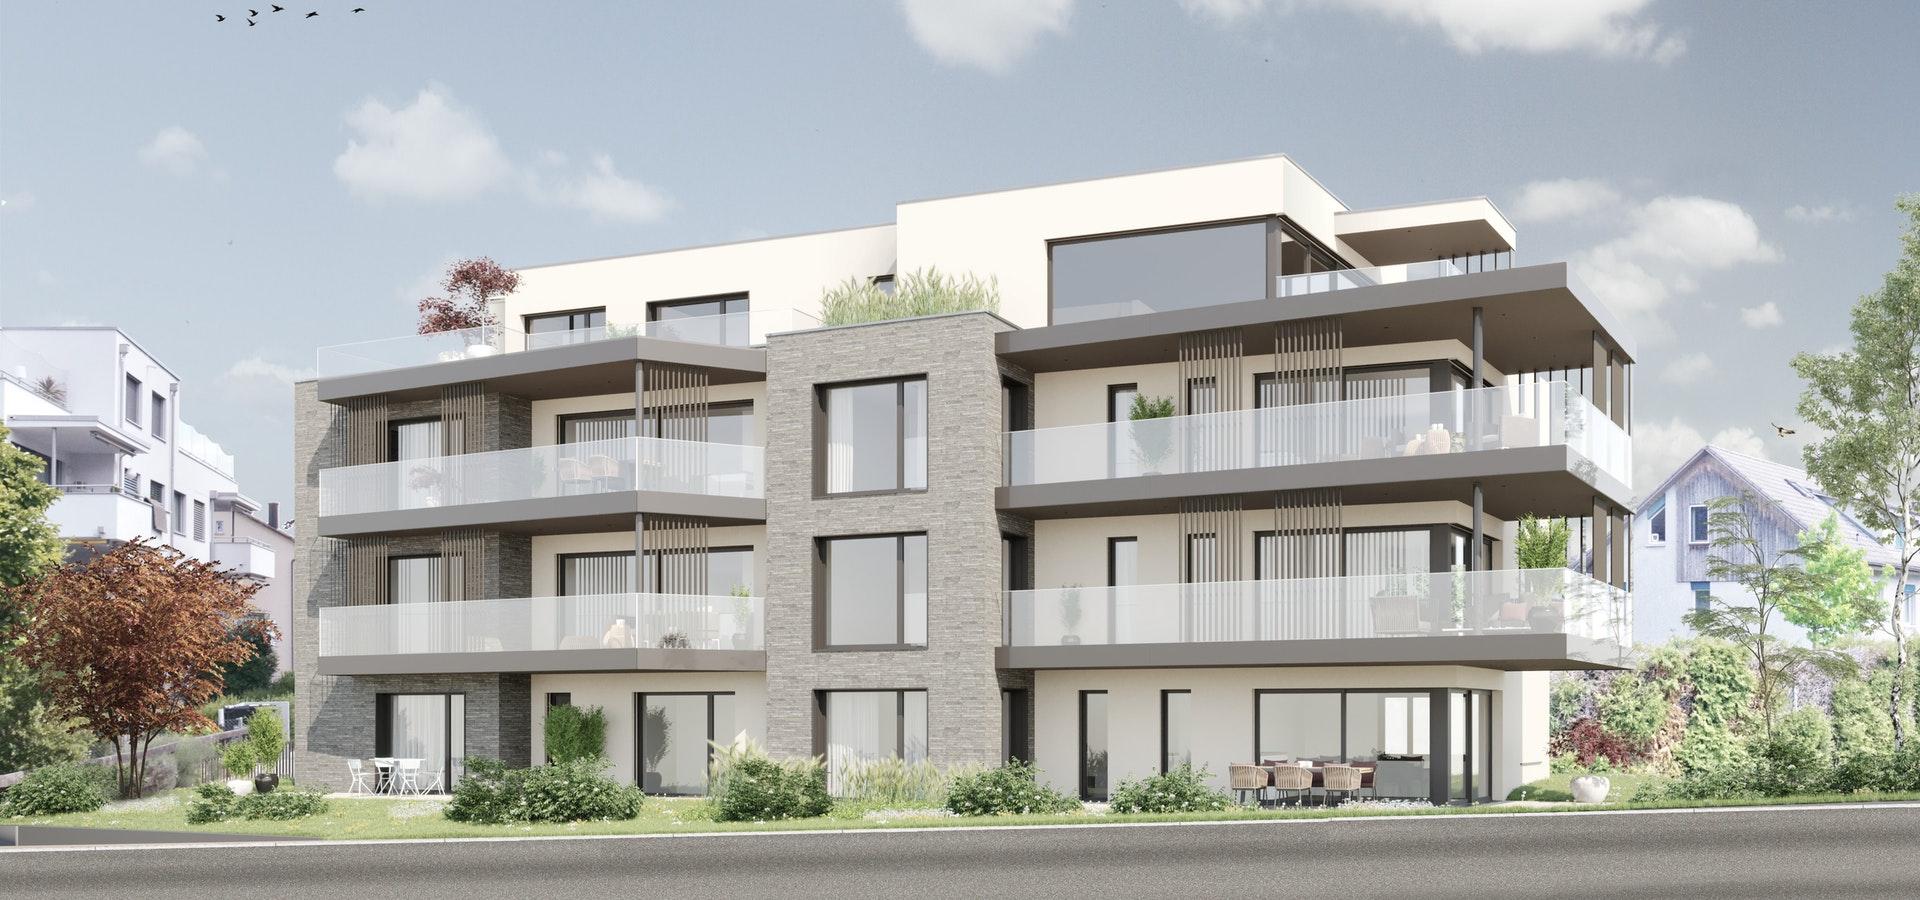 Neubau Mehrfamilienhaus mit 7 Wohnungen